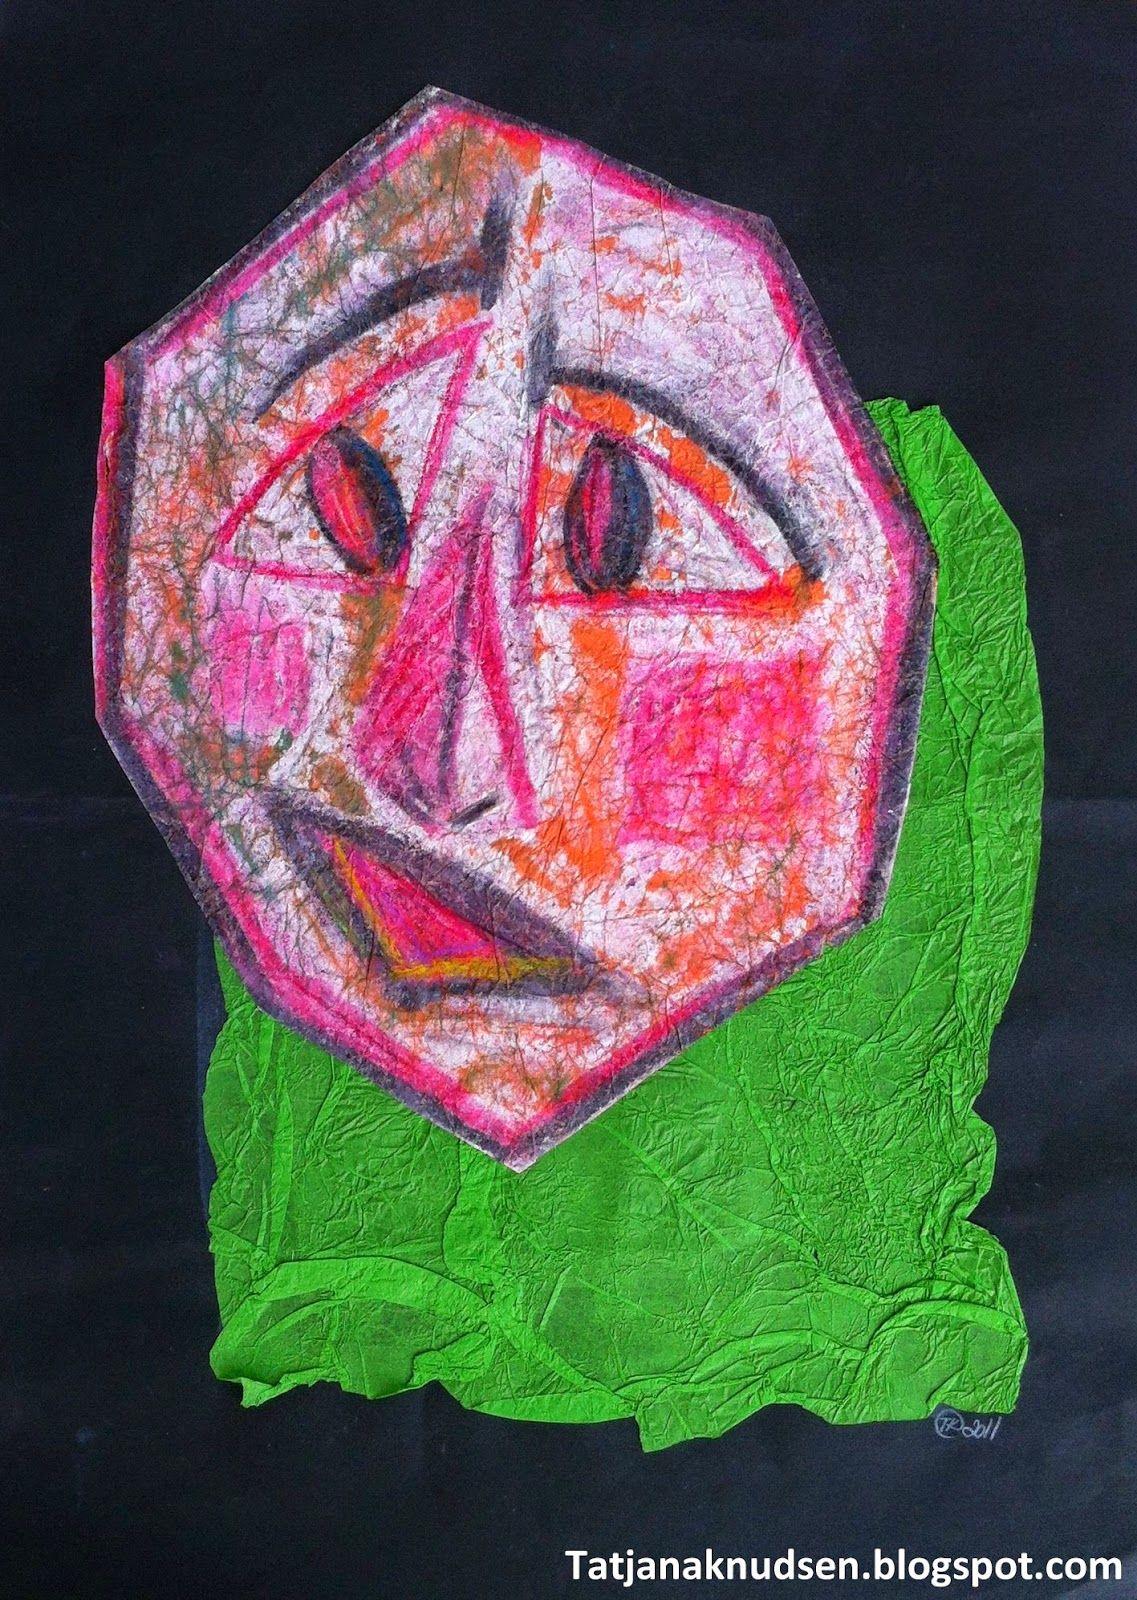 Meet The Creative Part of Me : Ansigter i kubistisk stil.